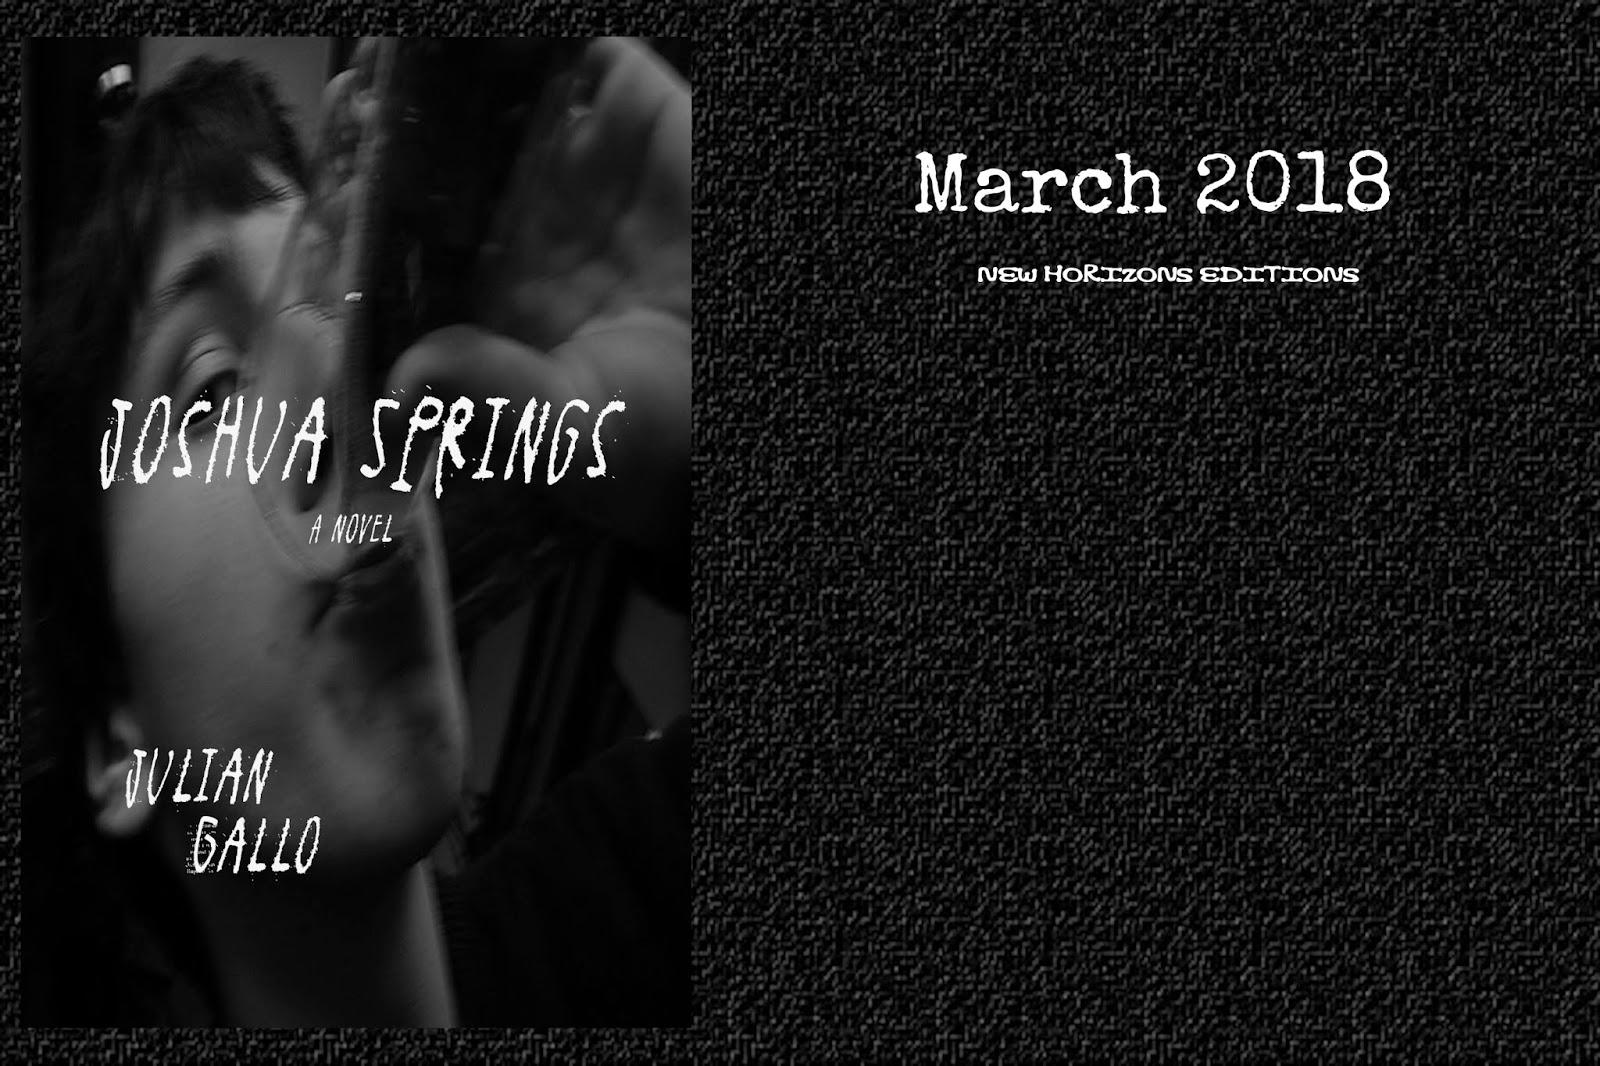 Coming Soon Joshua Springs By Julian Gallo Desvaro Novel With